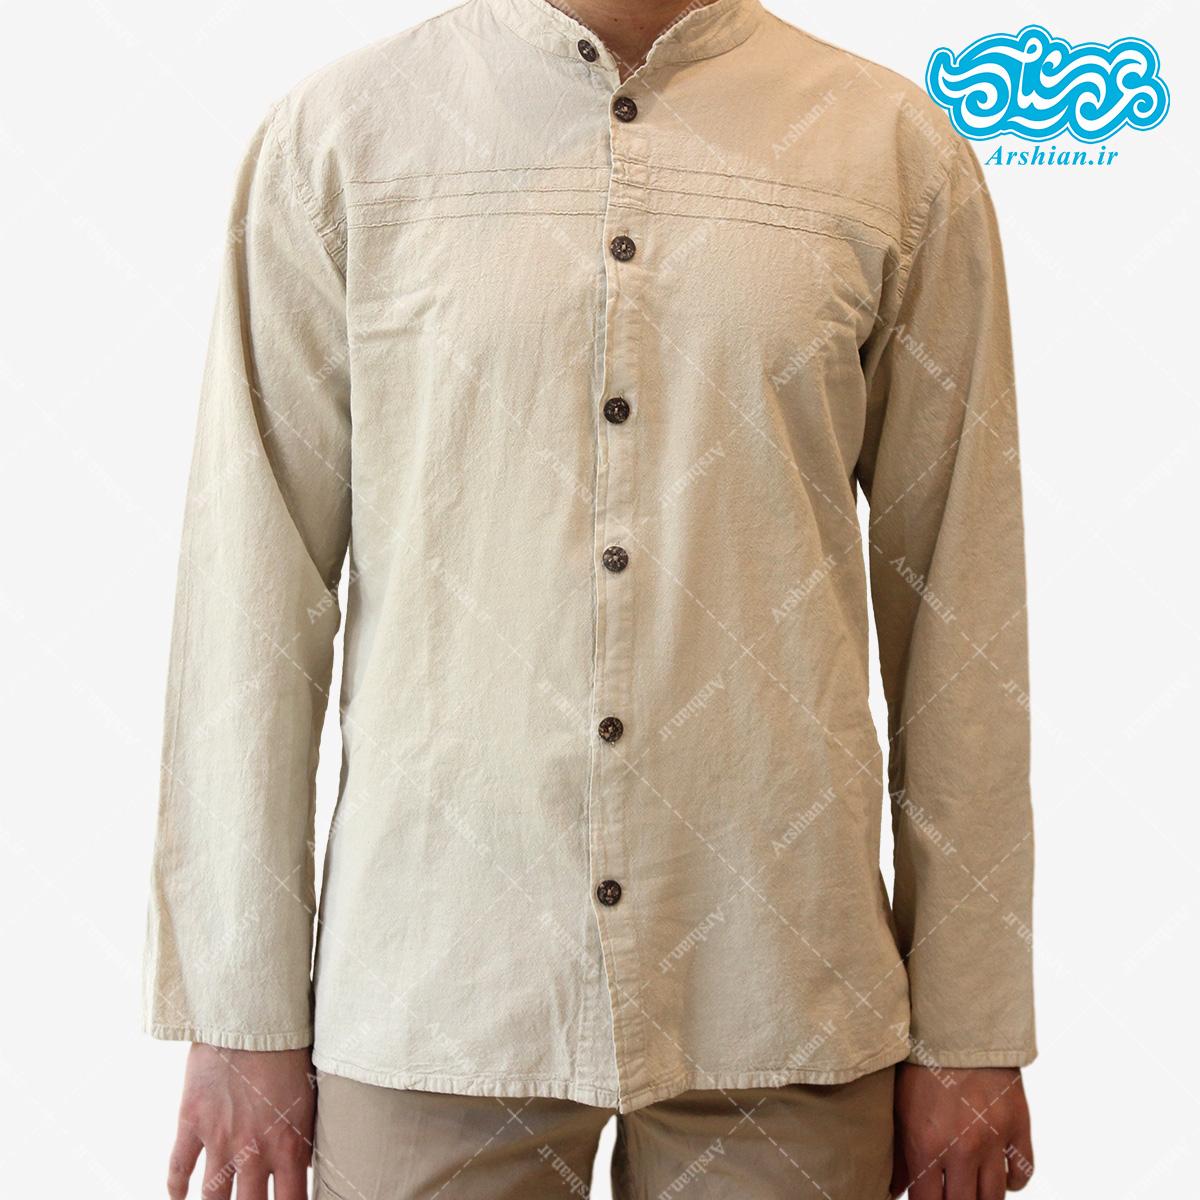 پیراهن الیاف طبیعی طرح تمام دکمه مدل se002